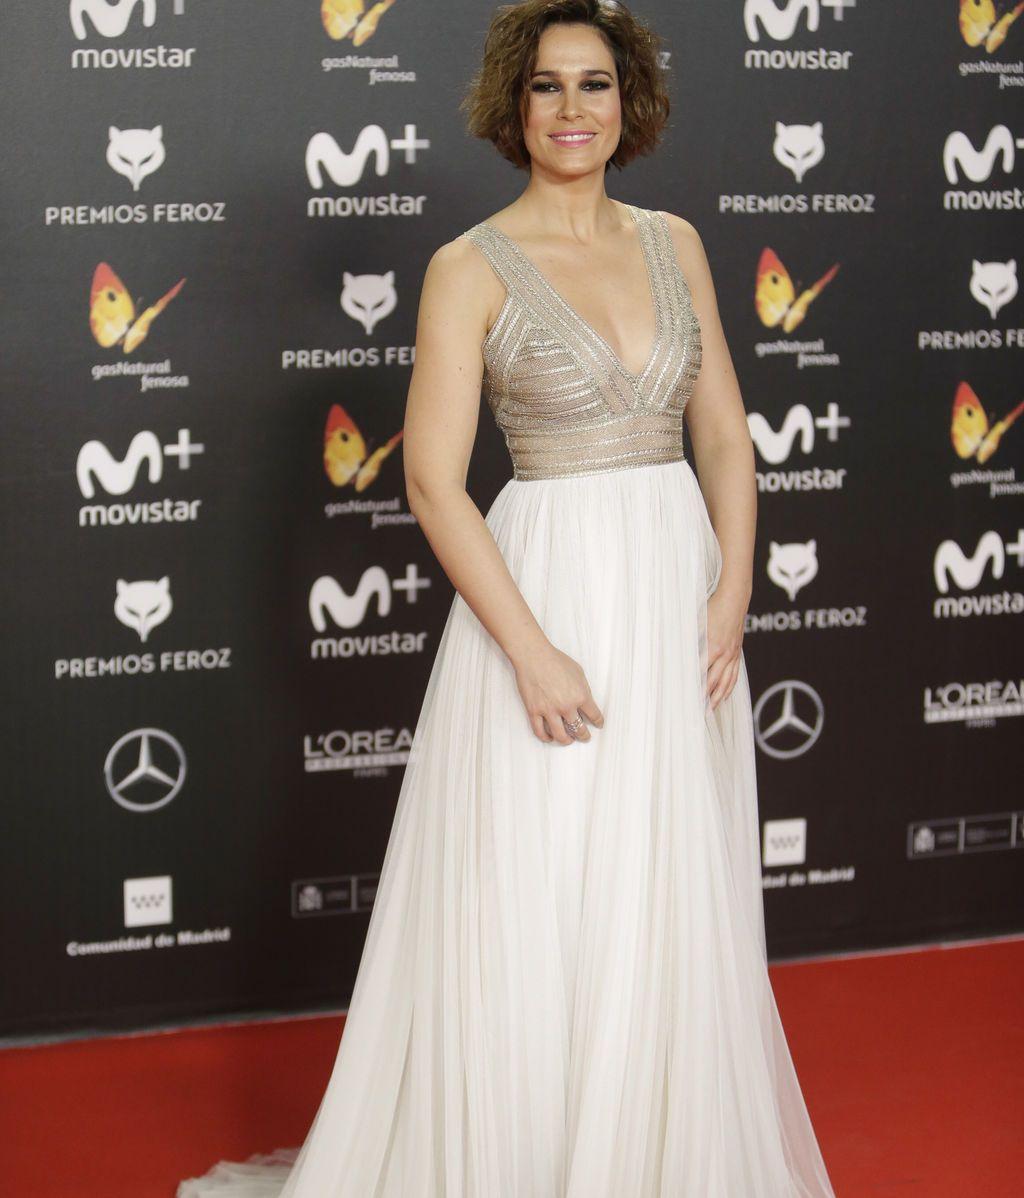 La actriz Celia Freijeiro, con un vestido de tul de Santos Costura